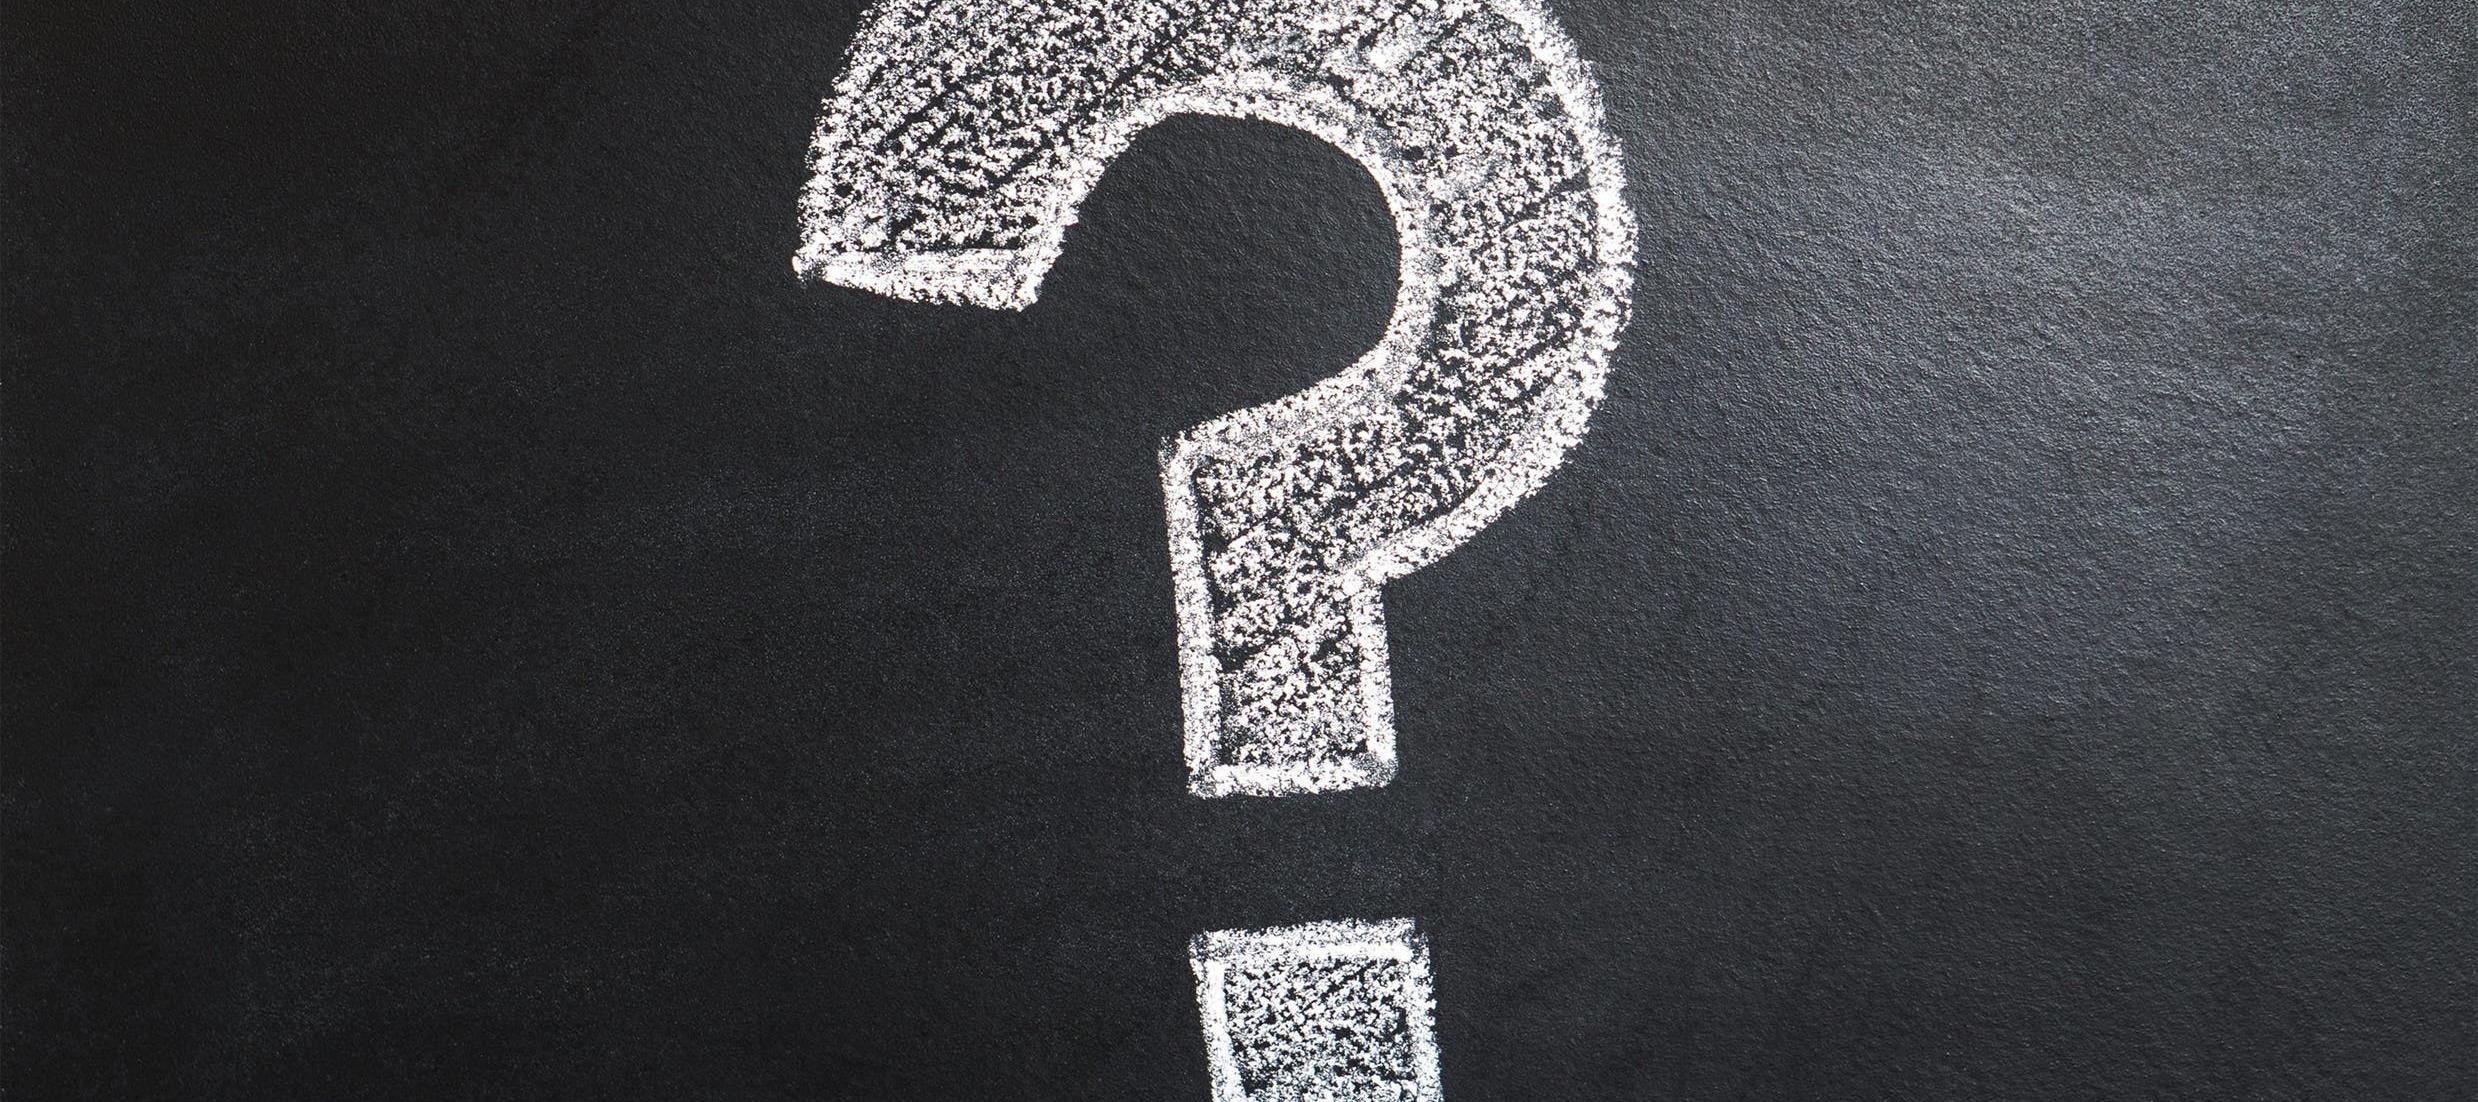 Wanneer gebruik je de 'Stel je vraag' categorie?